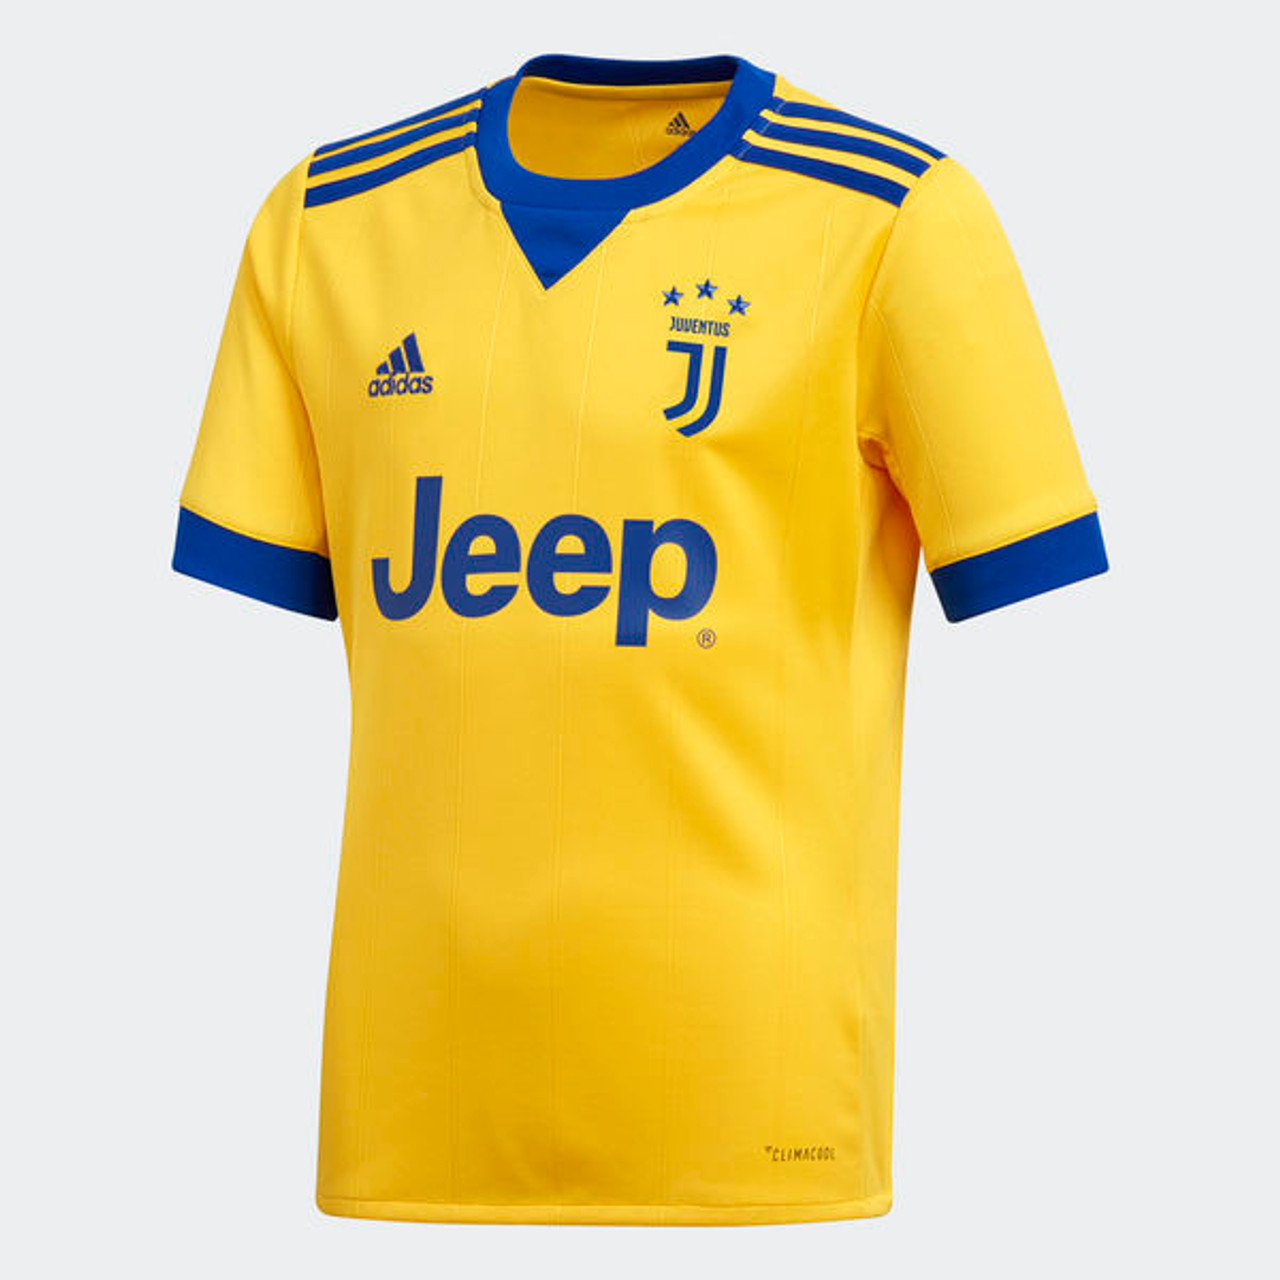 Adidas Juventus 2018 Away Jersey Yellow Soccer Plus